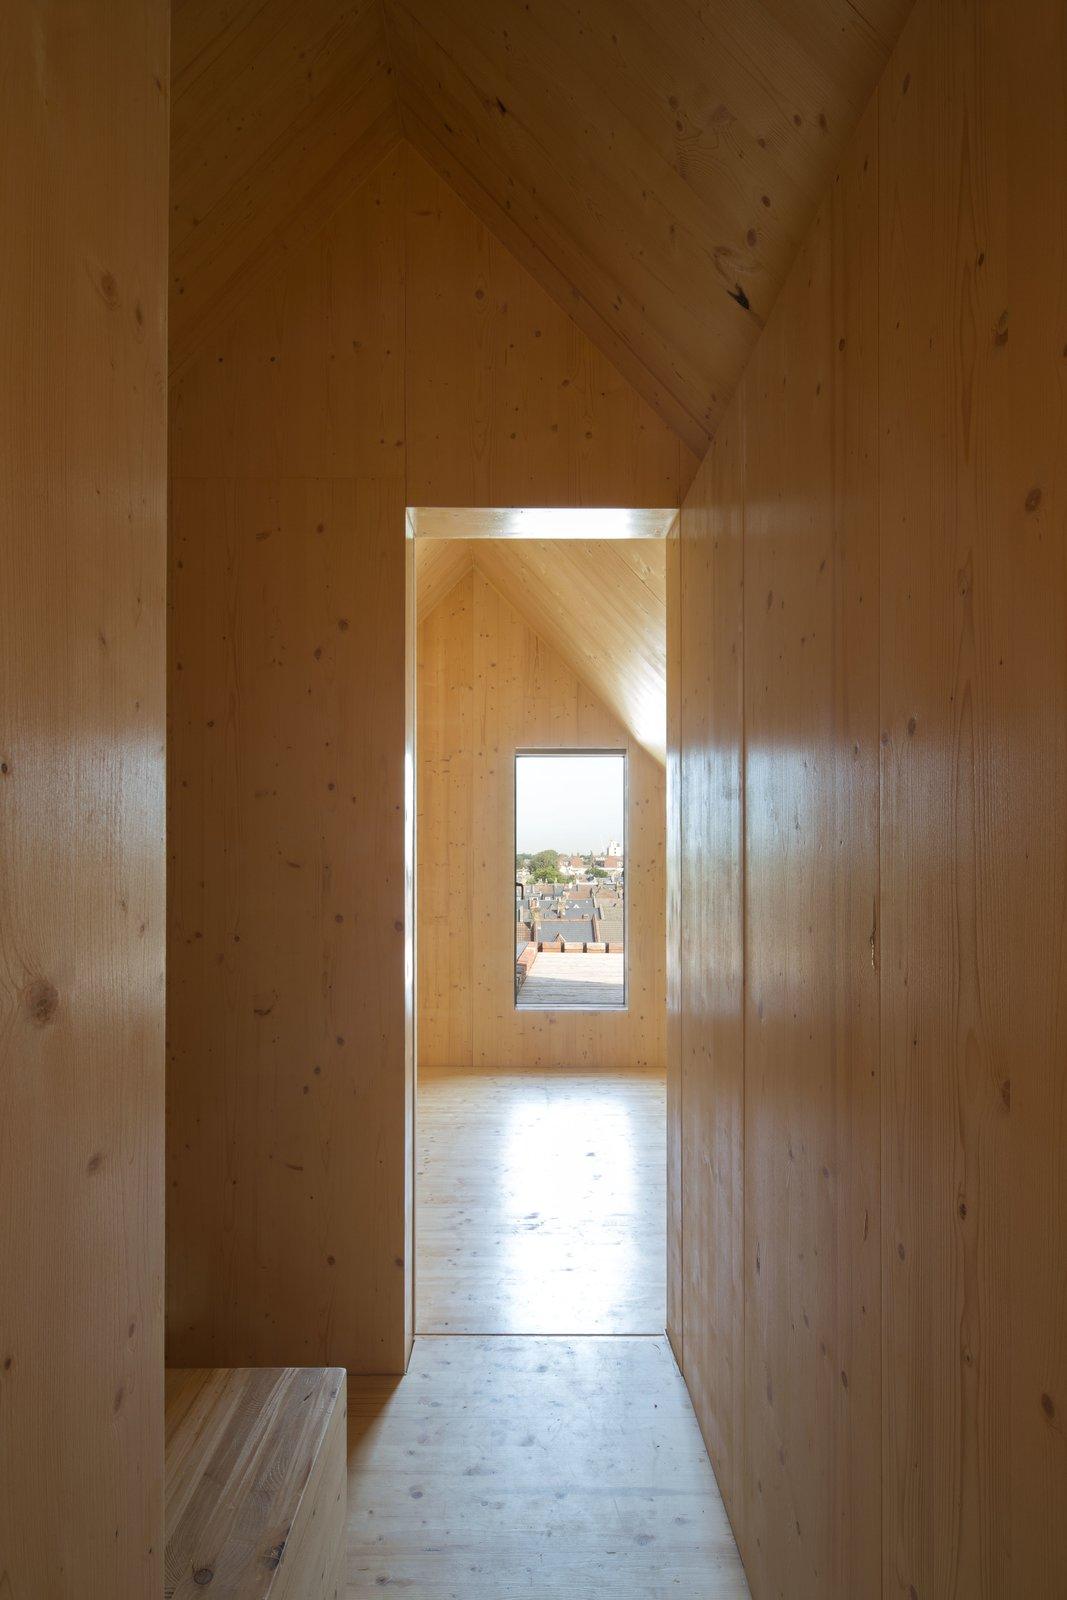 Architect: Amin Taha Architects Photography: Agnese Sanvito  Barretts Grove